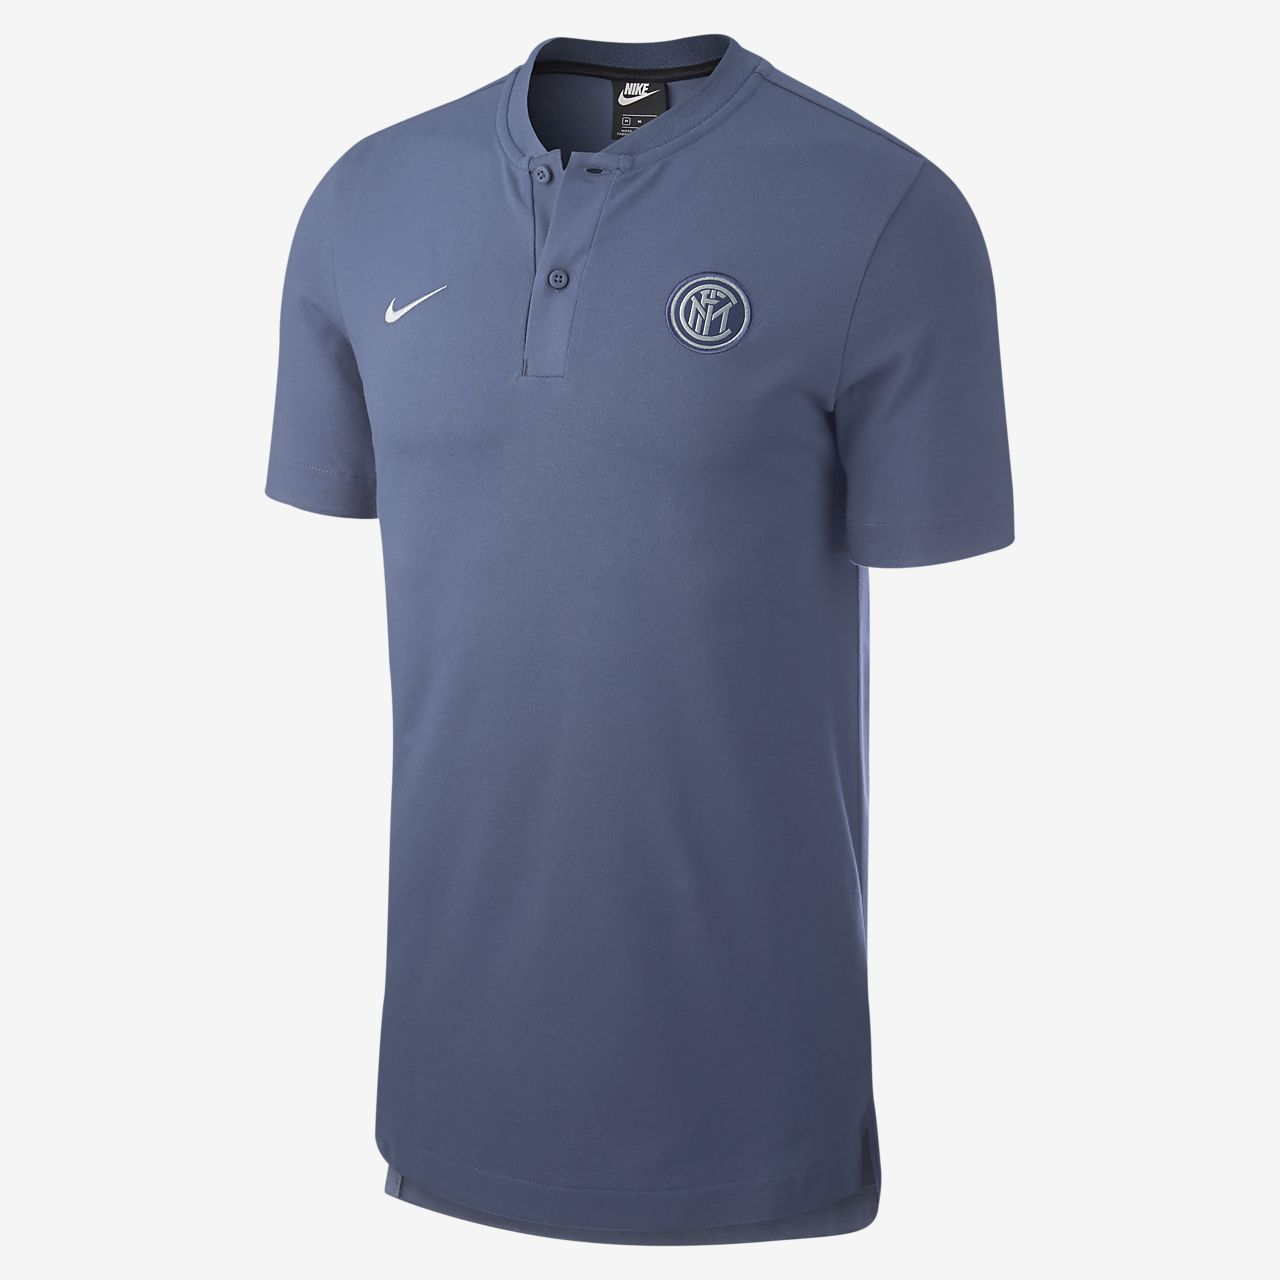 Ανδρική μπλούζα πόλο Inter Milan Grand Slam. Nike.com GR cc326b71ba2